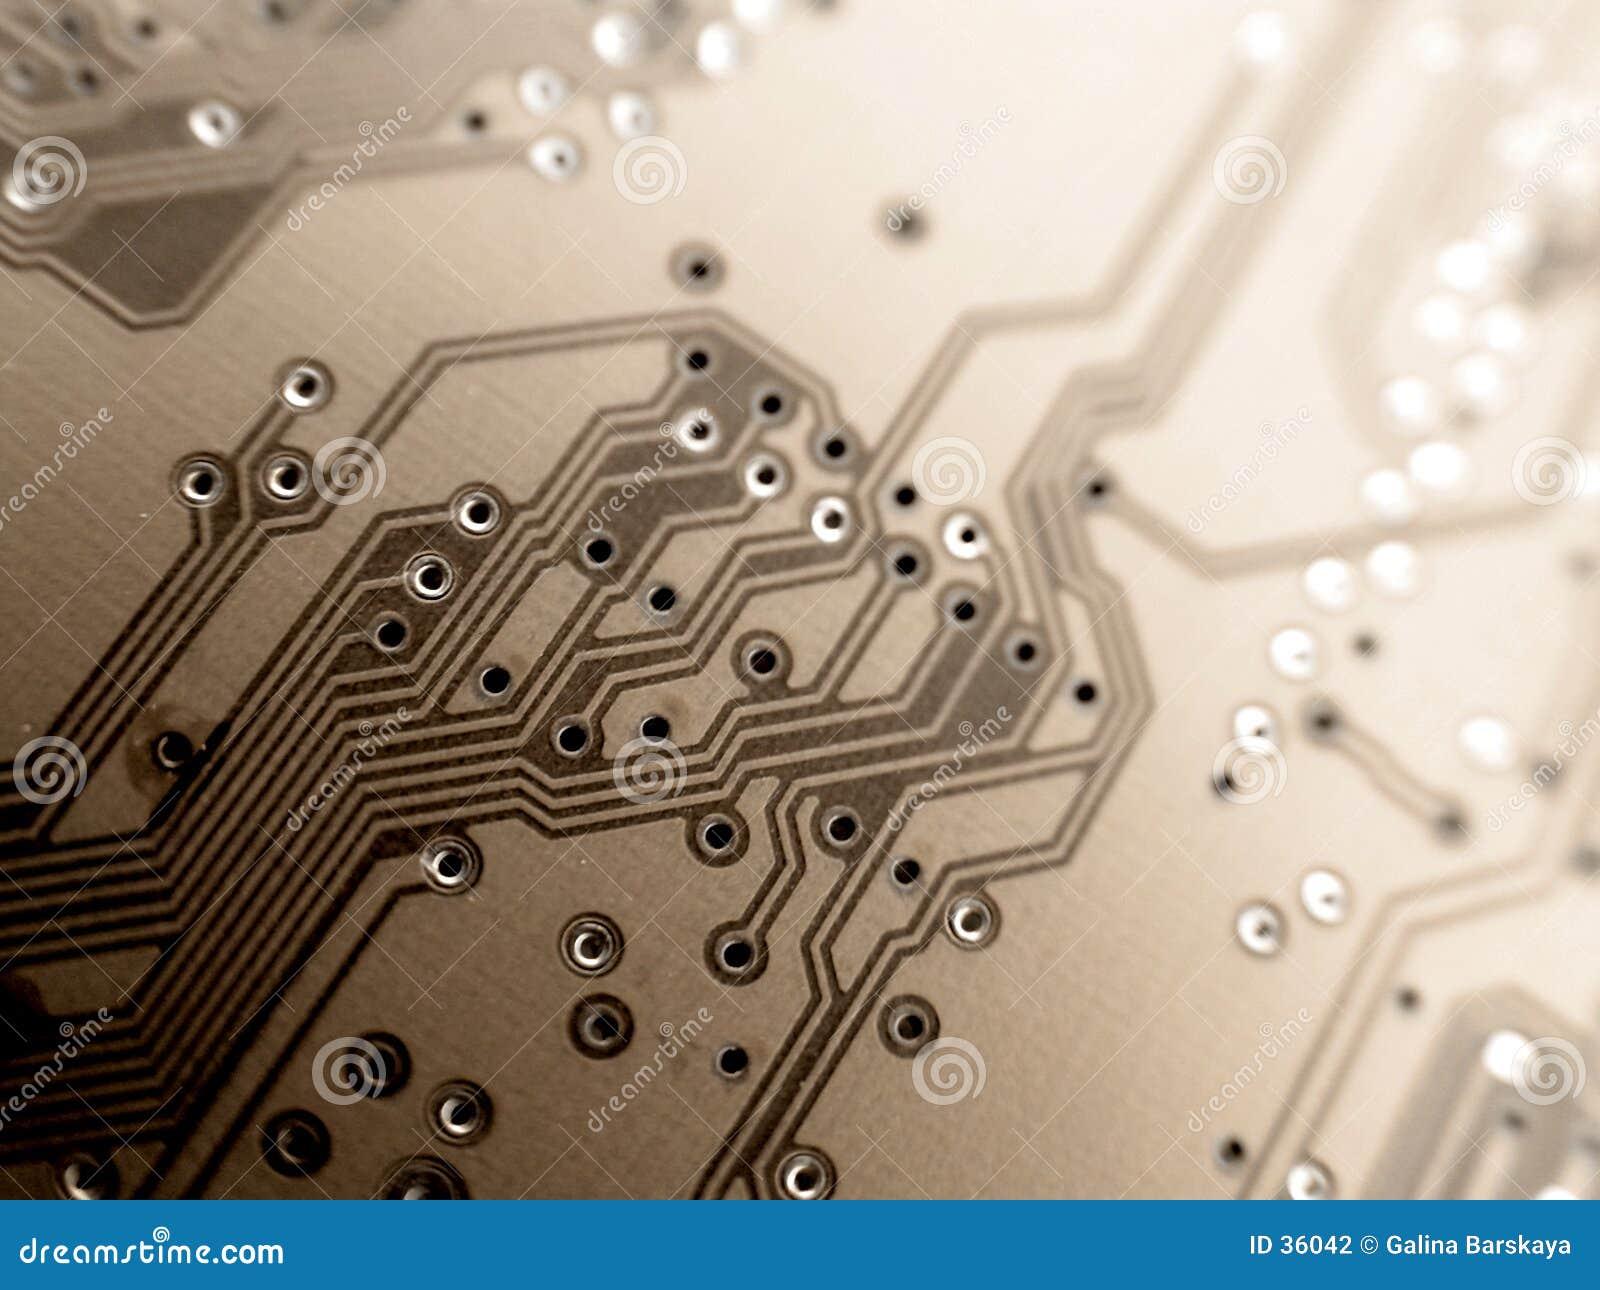 Download Tarjeta de circuitos foto de archivo. Imagen de retro, semiconductor - 36042